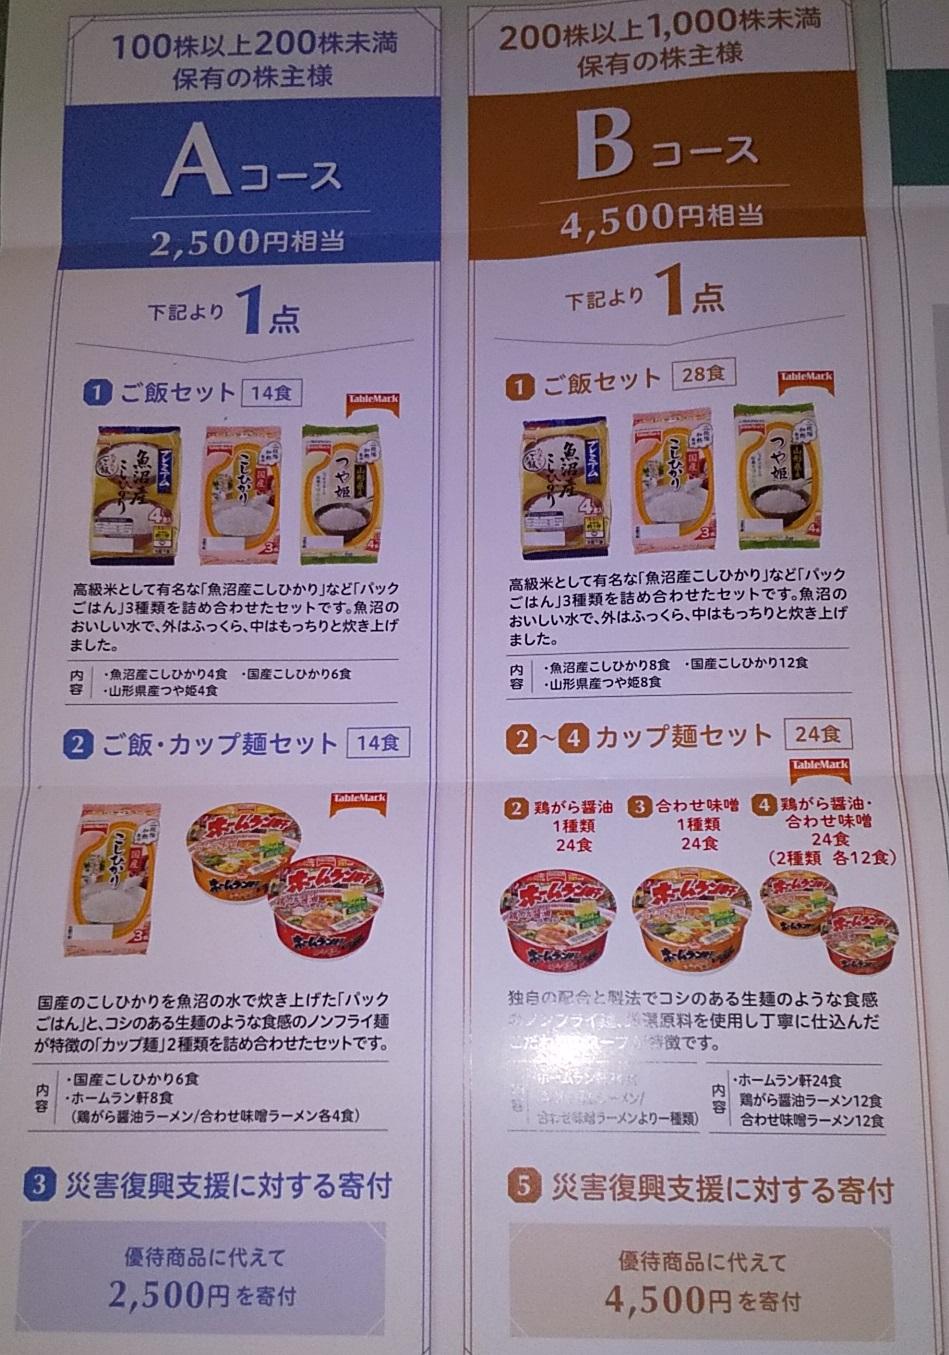 【株主優待】日本たばこ産業 [JT](2914)から2020年12月権利の優待が届きました(^^)/ ご飯、カップ麺、ジャムなど選べます!